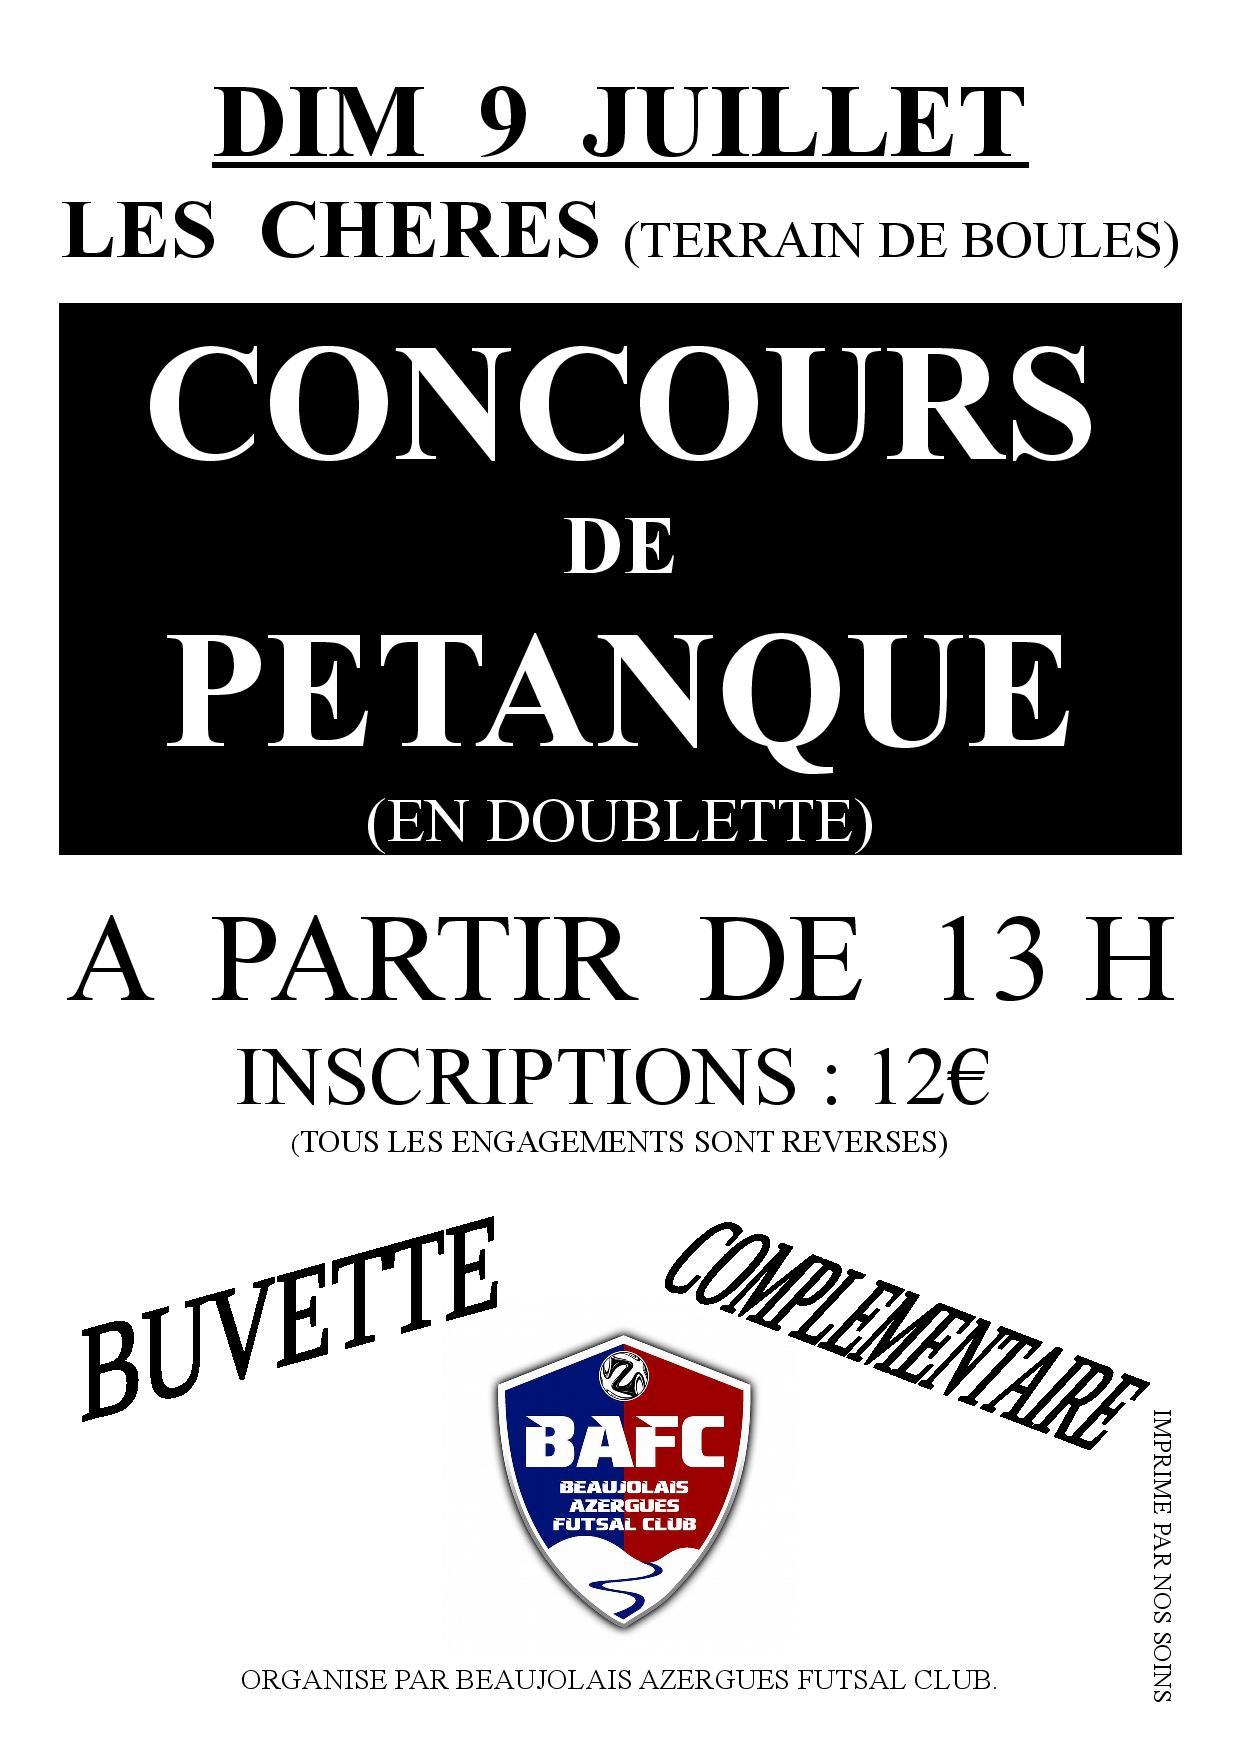 Concours de p tanque ouvert tous les ch res 09 for Choisir des boules de petanque